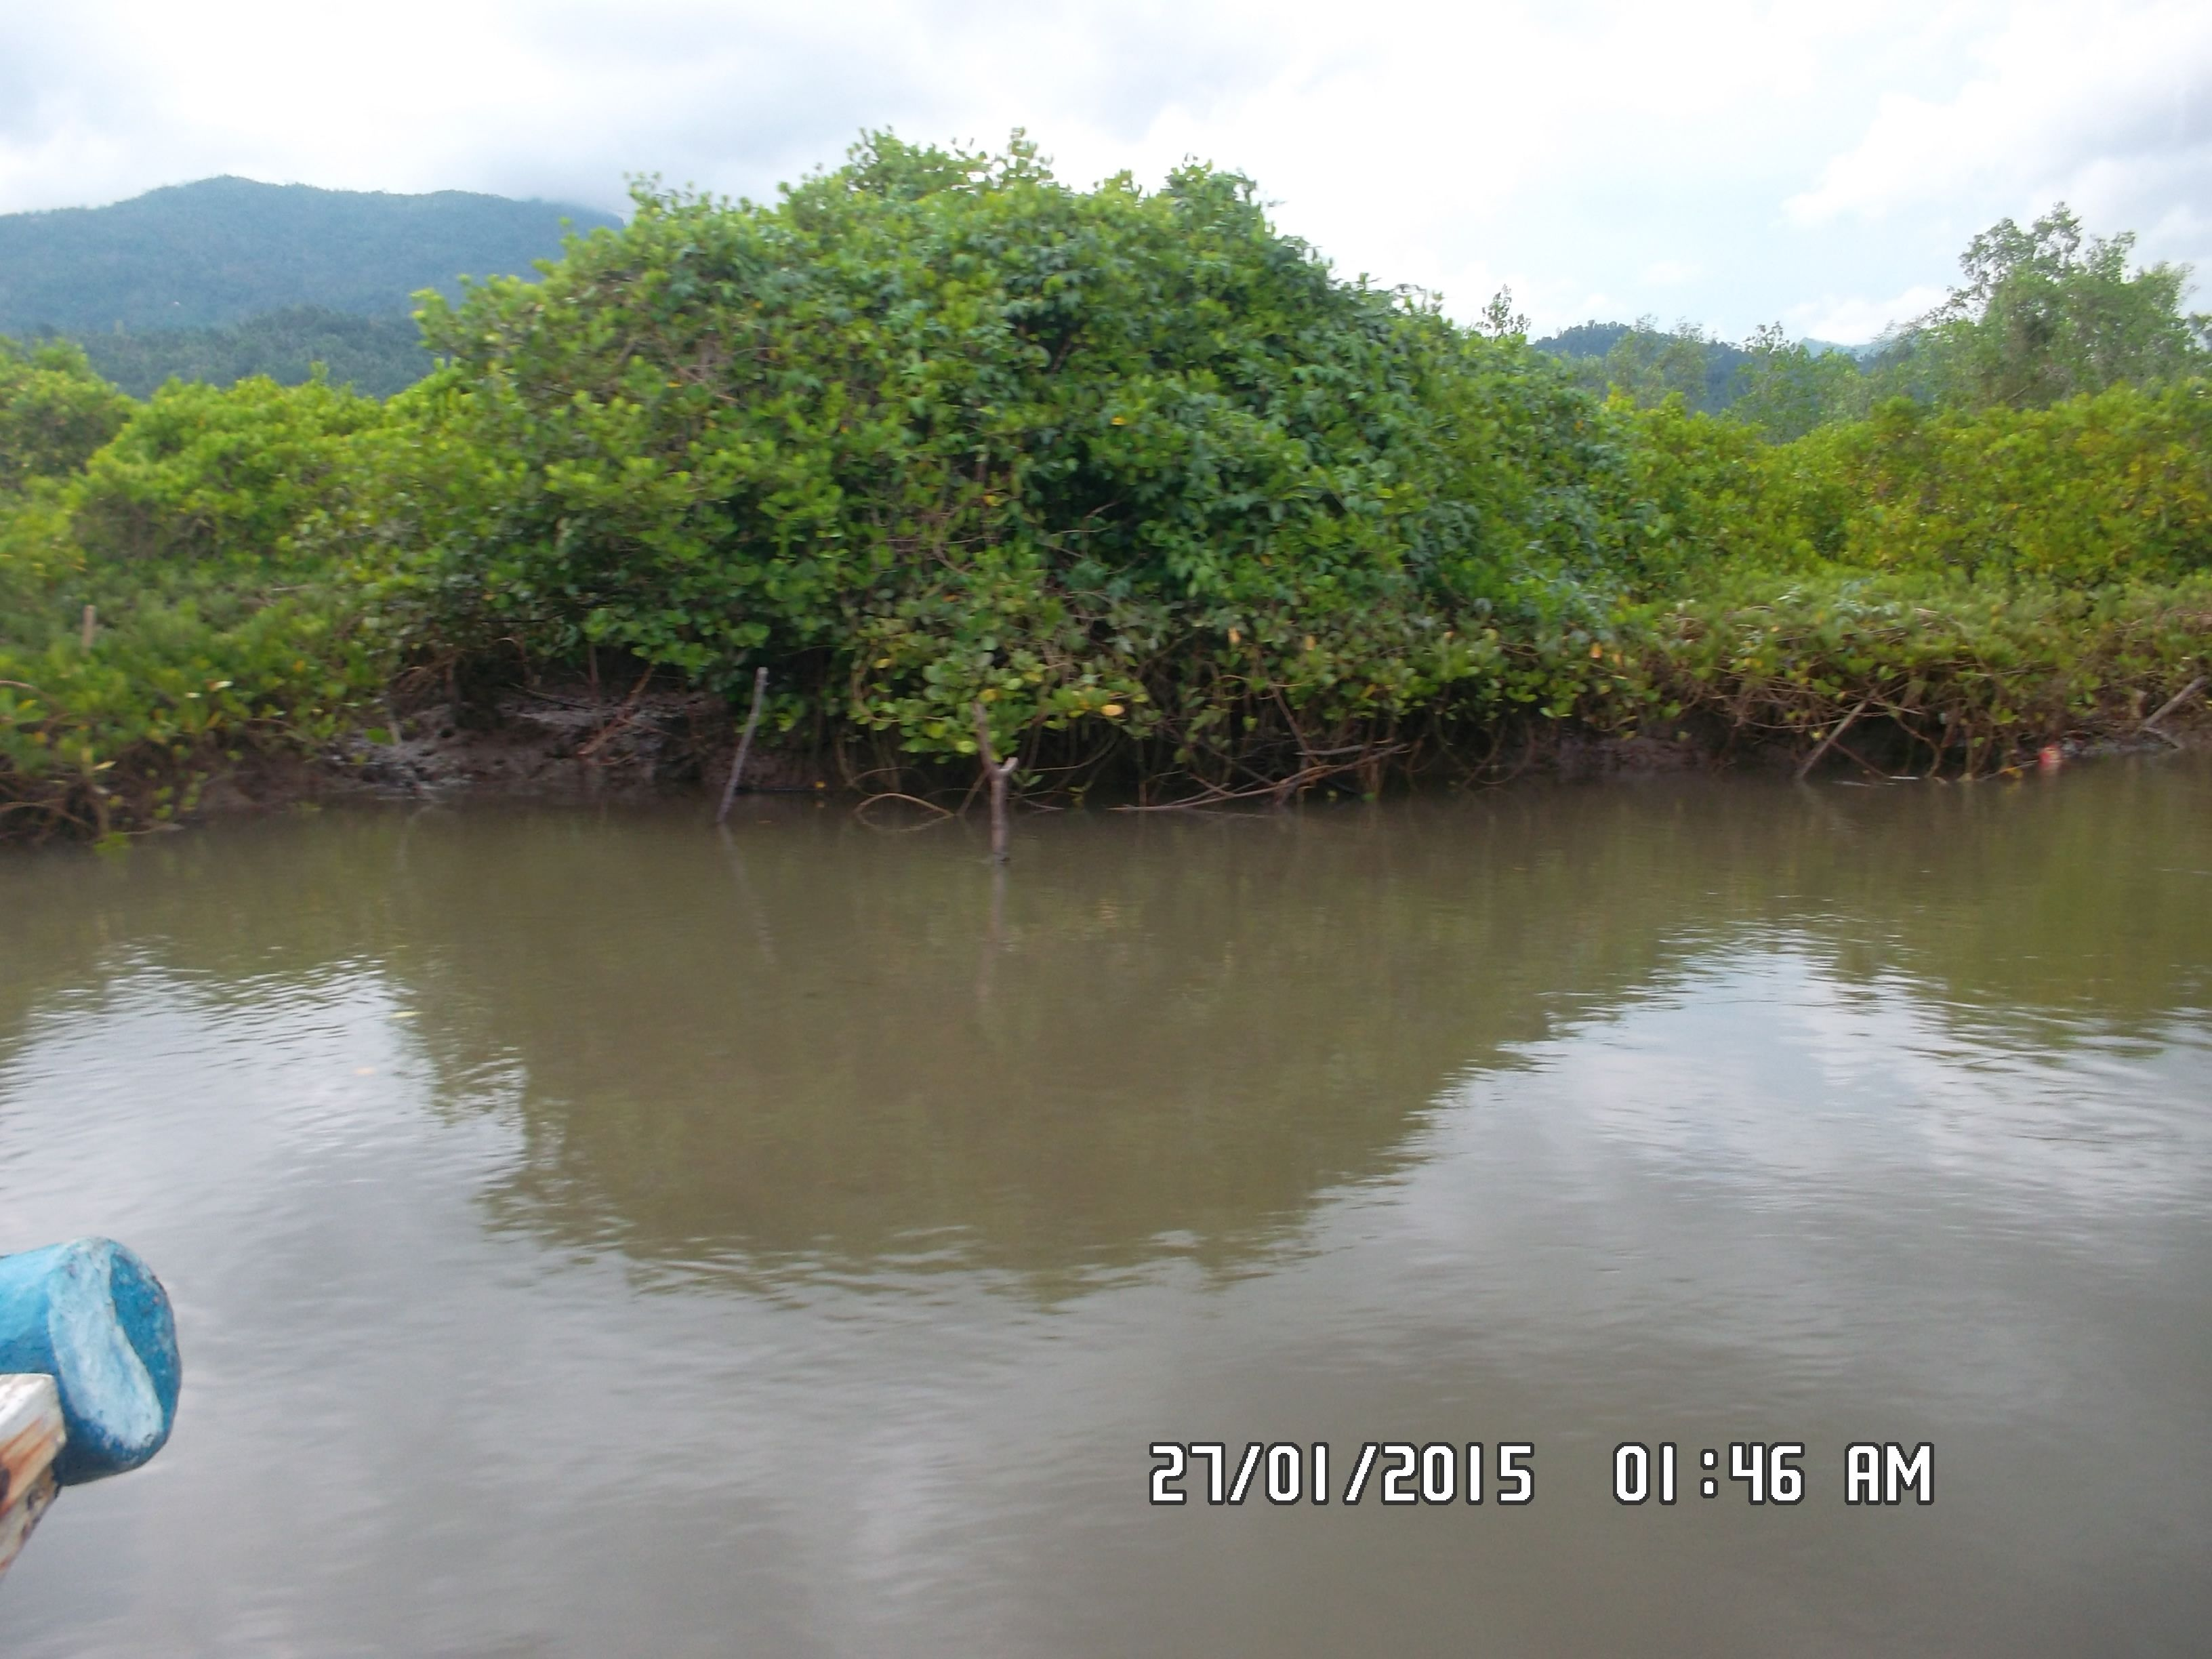 Taman Wisata Mangrove Cengkrong Trenggalek Jatim Indonesia